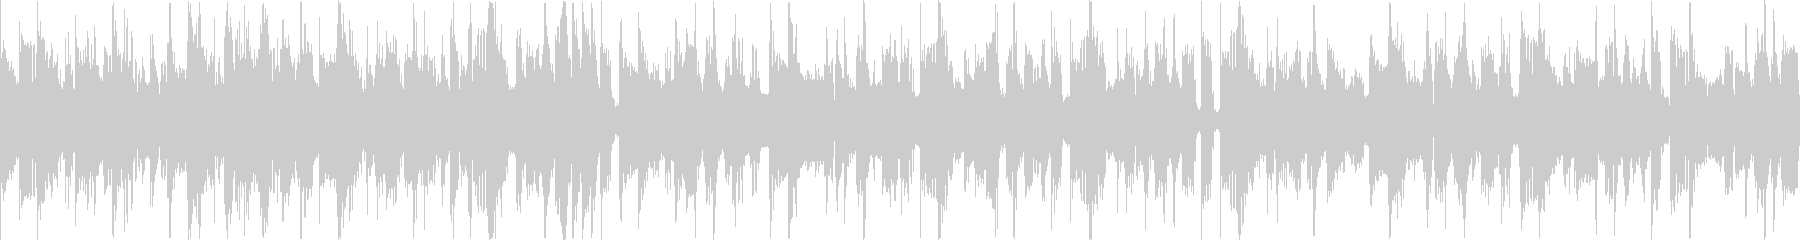 ベースラインが特徴的なファンクサウンドの未再生の波形